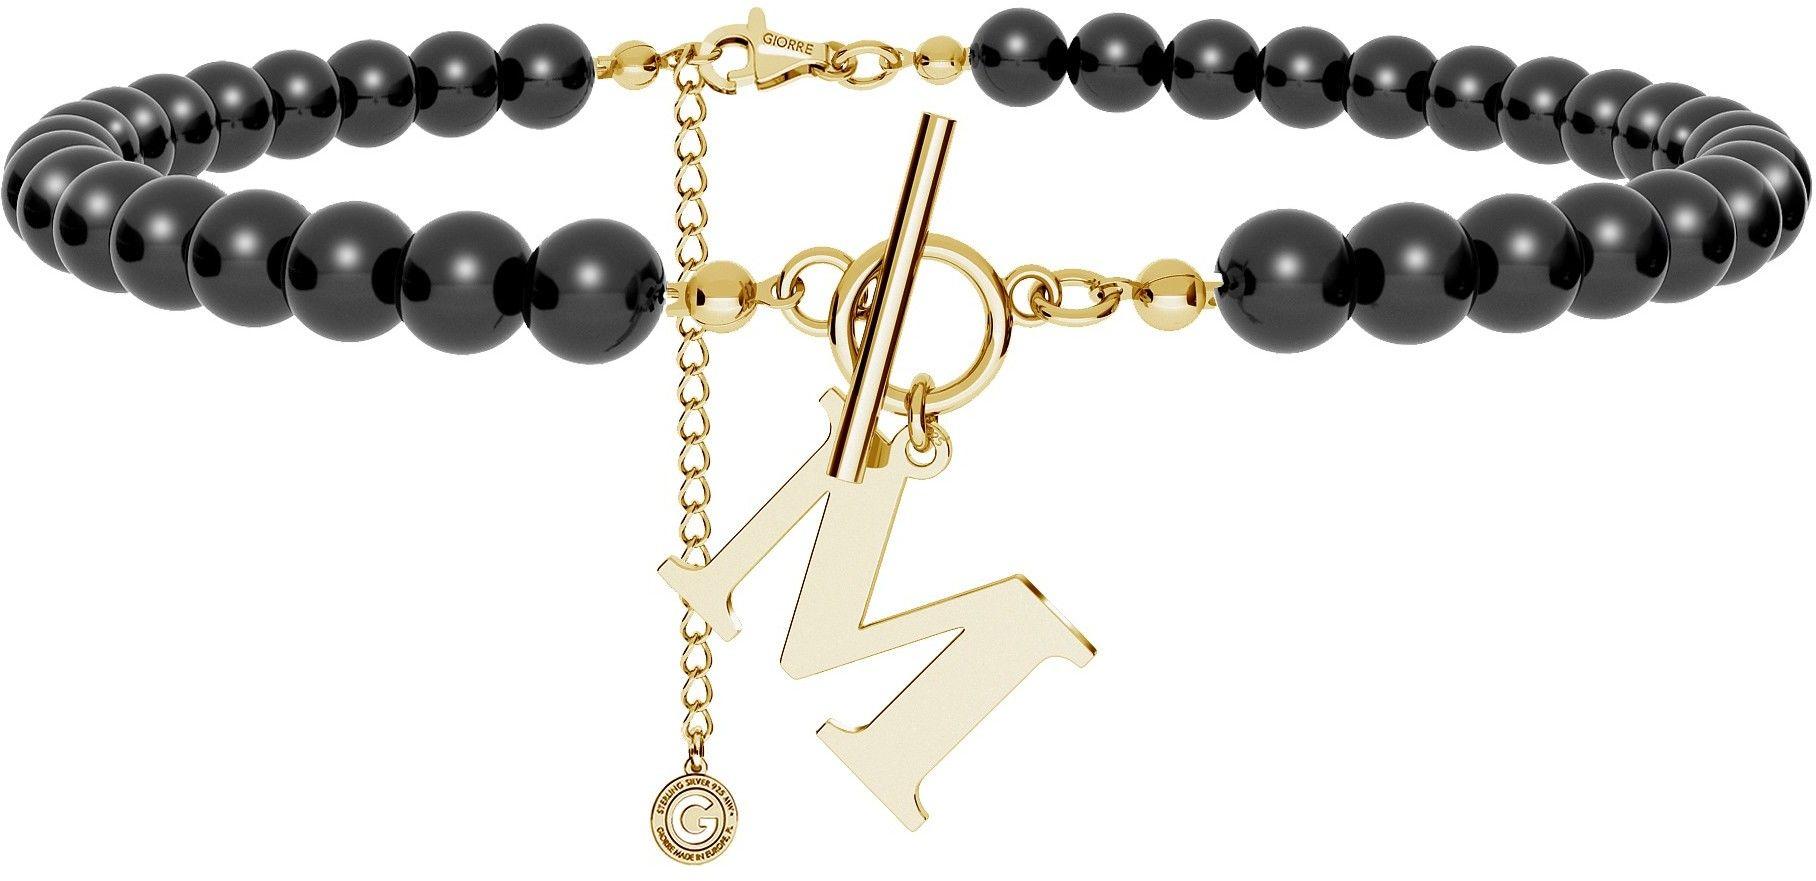 Czarny perłowy choker z dowolną literą, Swarovski, srebro 925 : Litera - E, Srebro - kolor pokrycia - Pokrycie żółtym 18K złotem